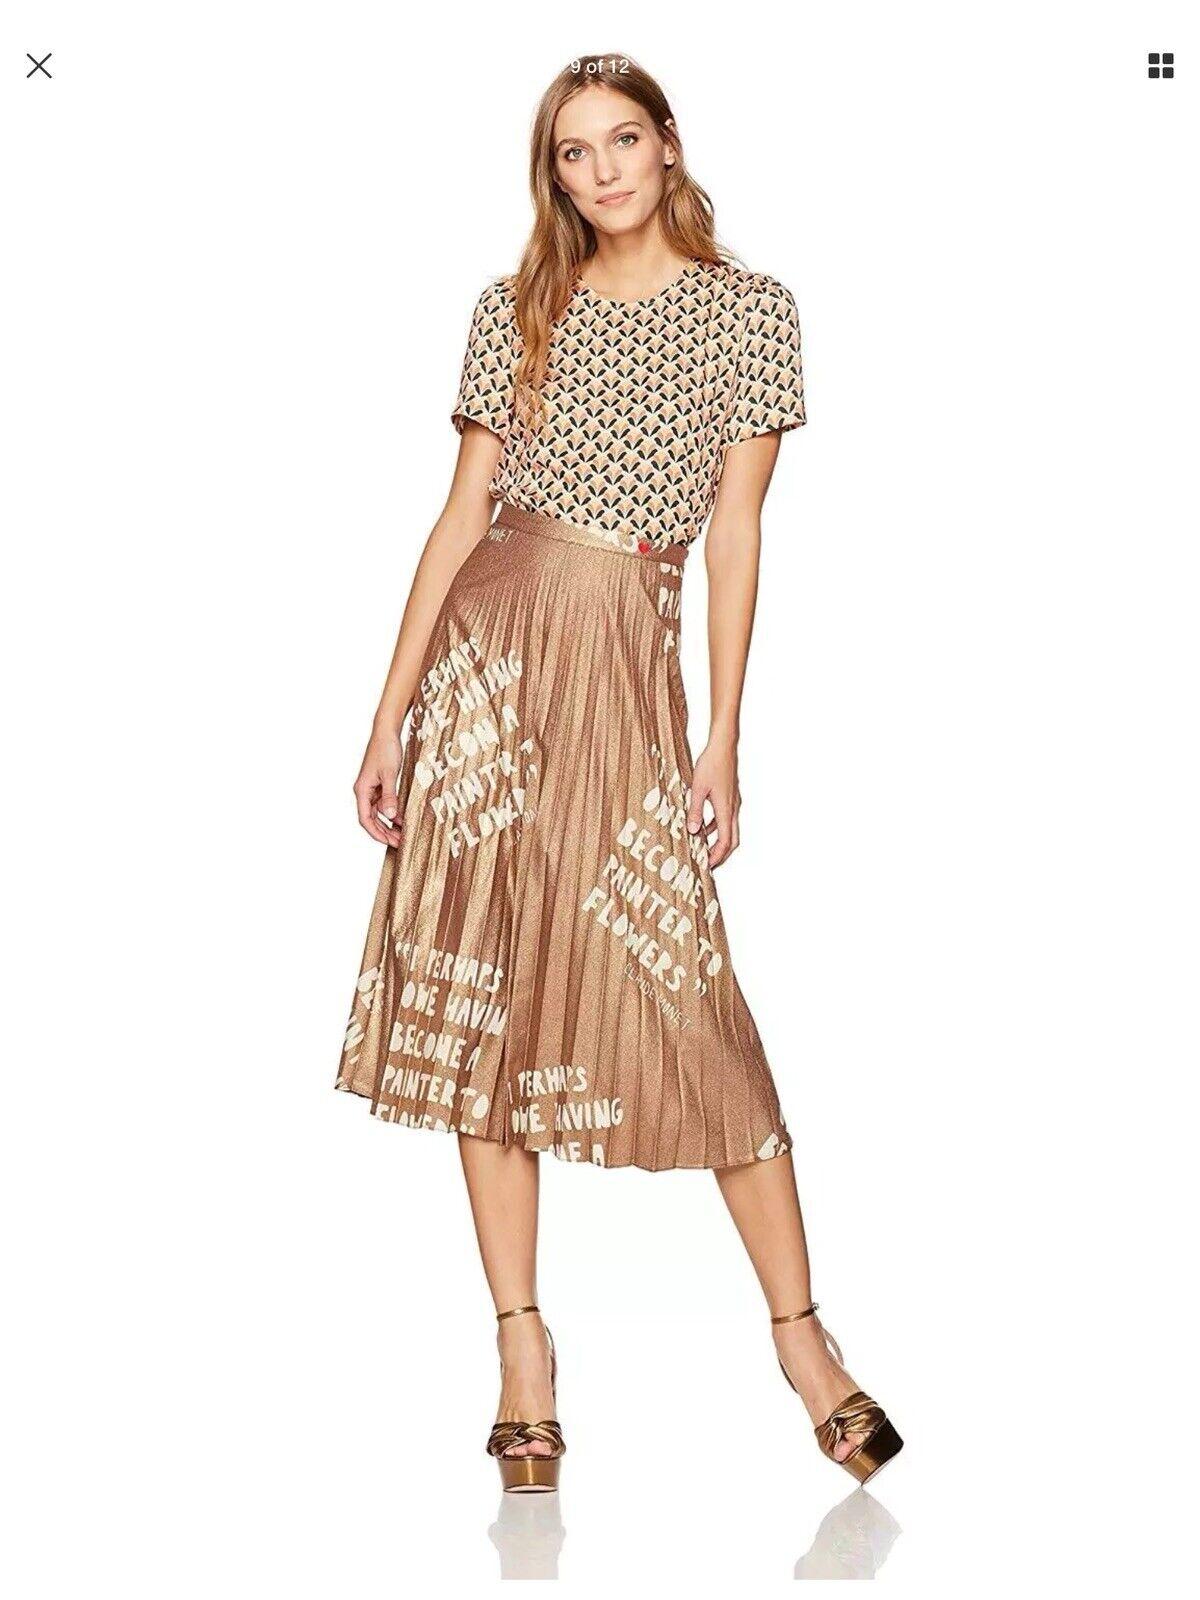 New Dear Drew By Drew Barrymore Women Lexington Ave Pleated Metallic Skirt SZ 2